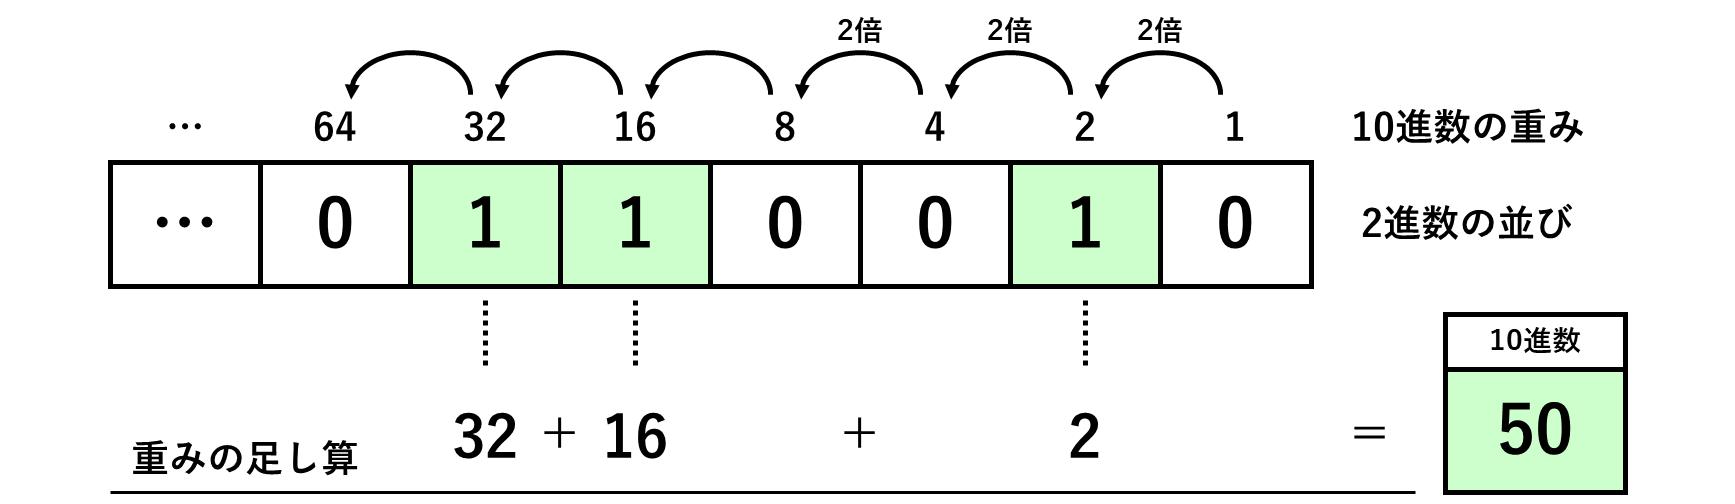 進数 python 2 9.4. decimal